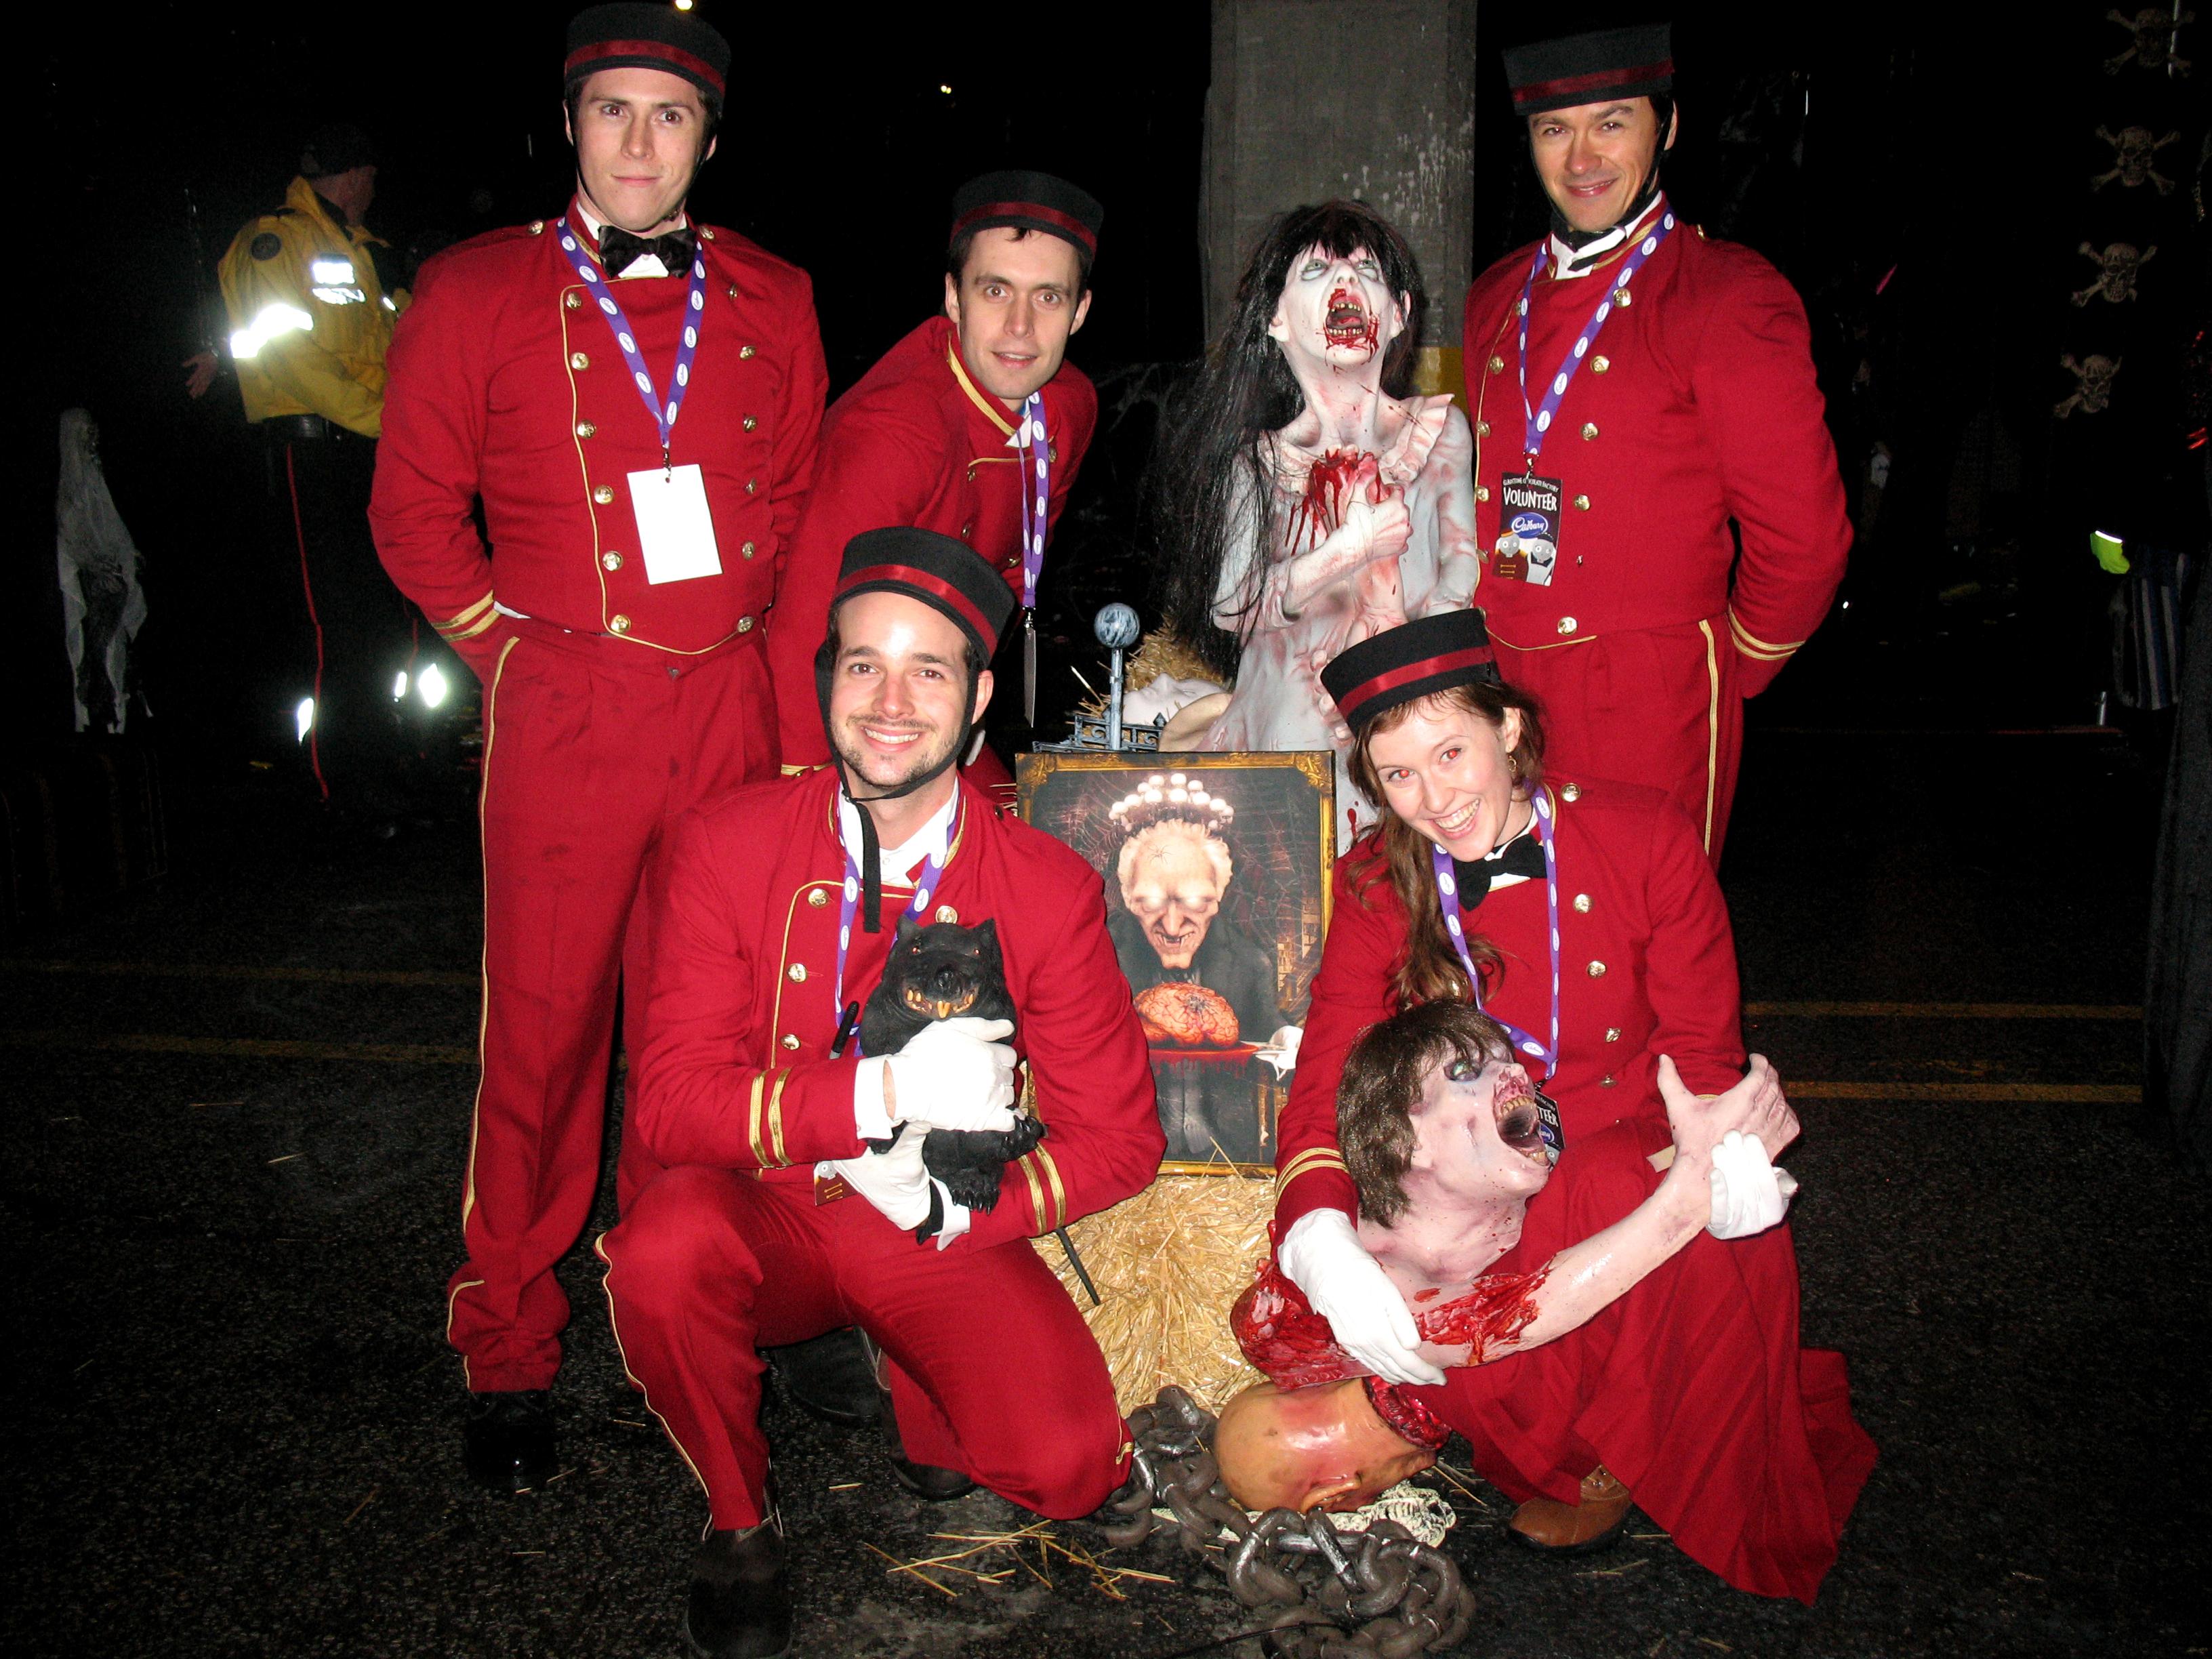 The Cadbury hotel crew